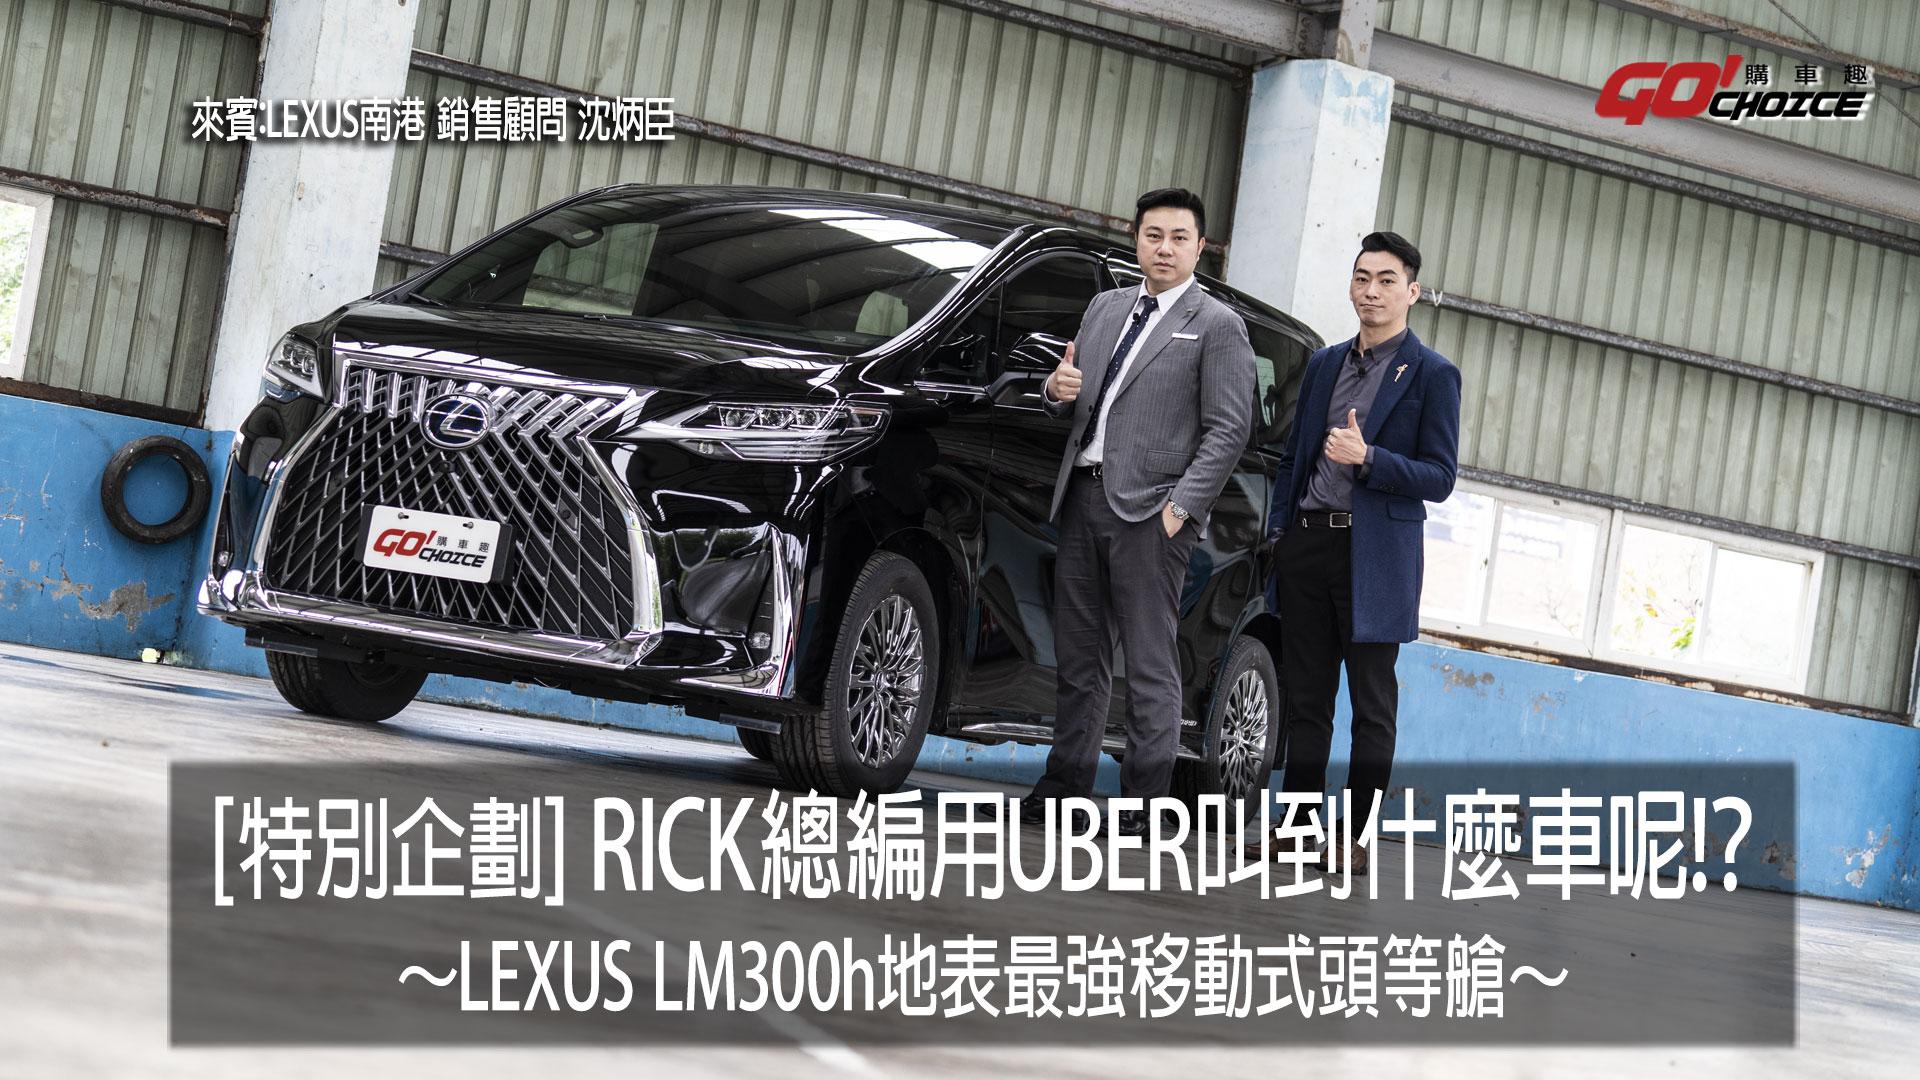 業代賞車-地表最強移動式頭等艙LEXUS LM300h-銷售顧問 沈炳臣